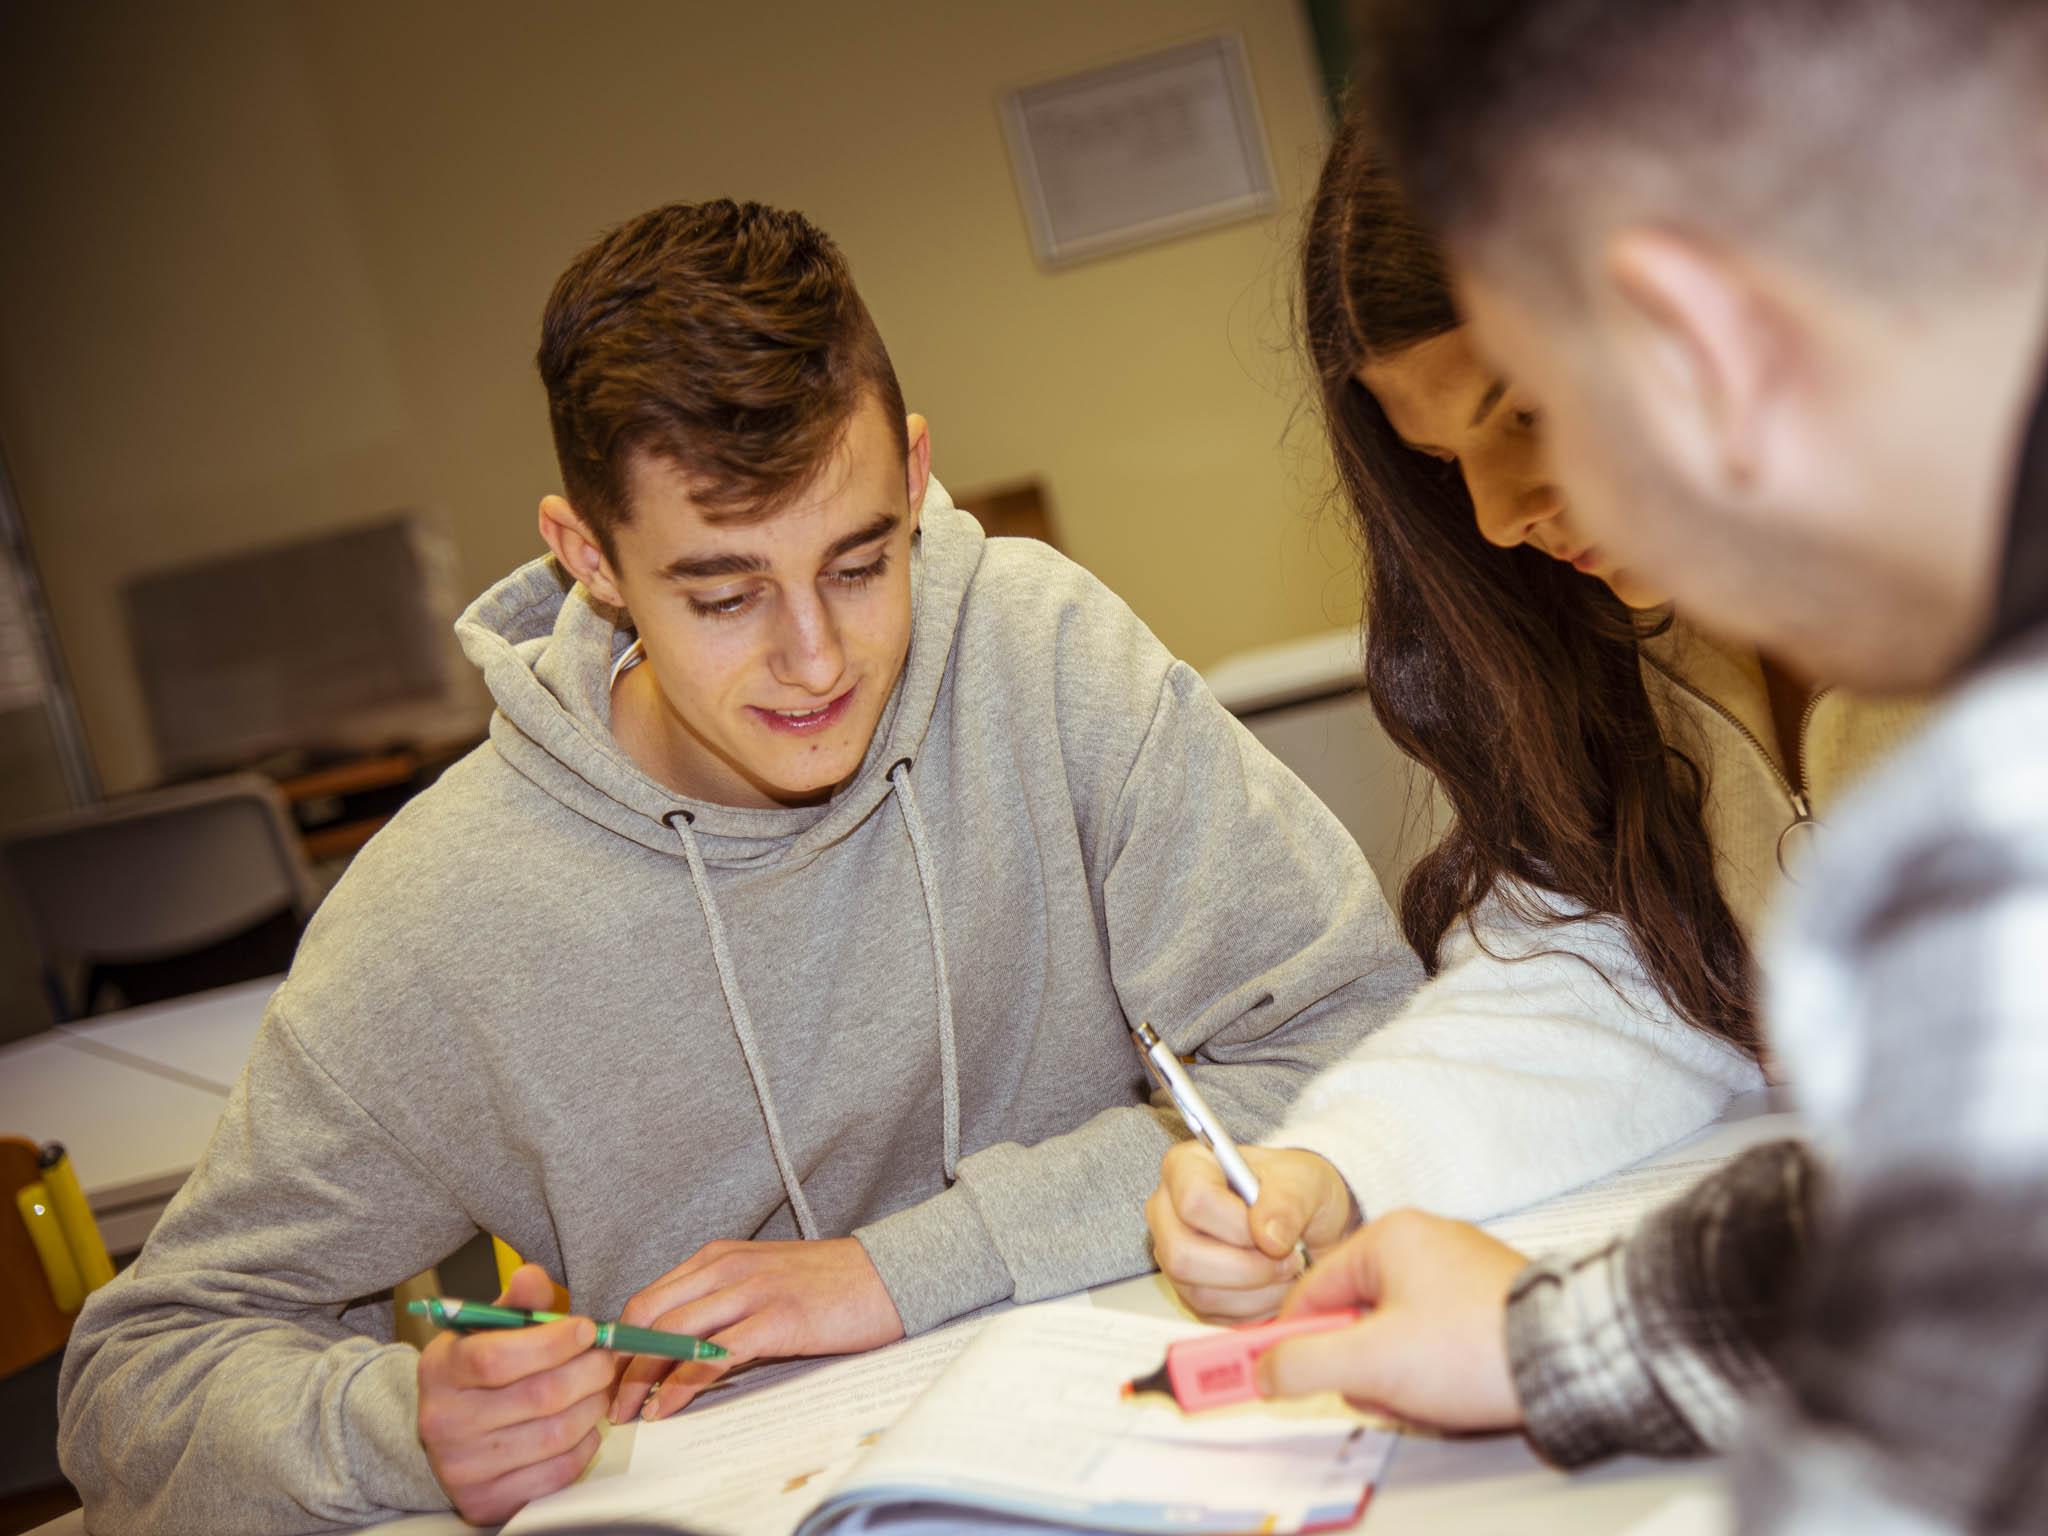 Oft fehlt es den Kindern in der Schule an persönlicher Förderung der eigenen Kompetenzen und Talente. Foto: Dominik Ziegler